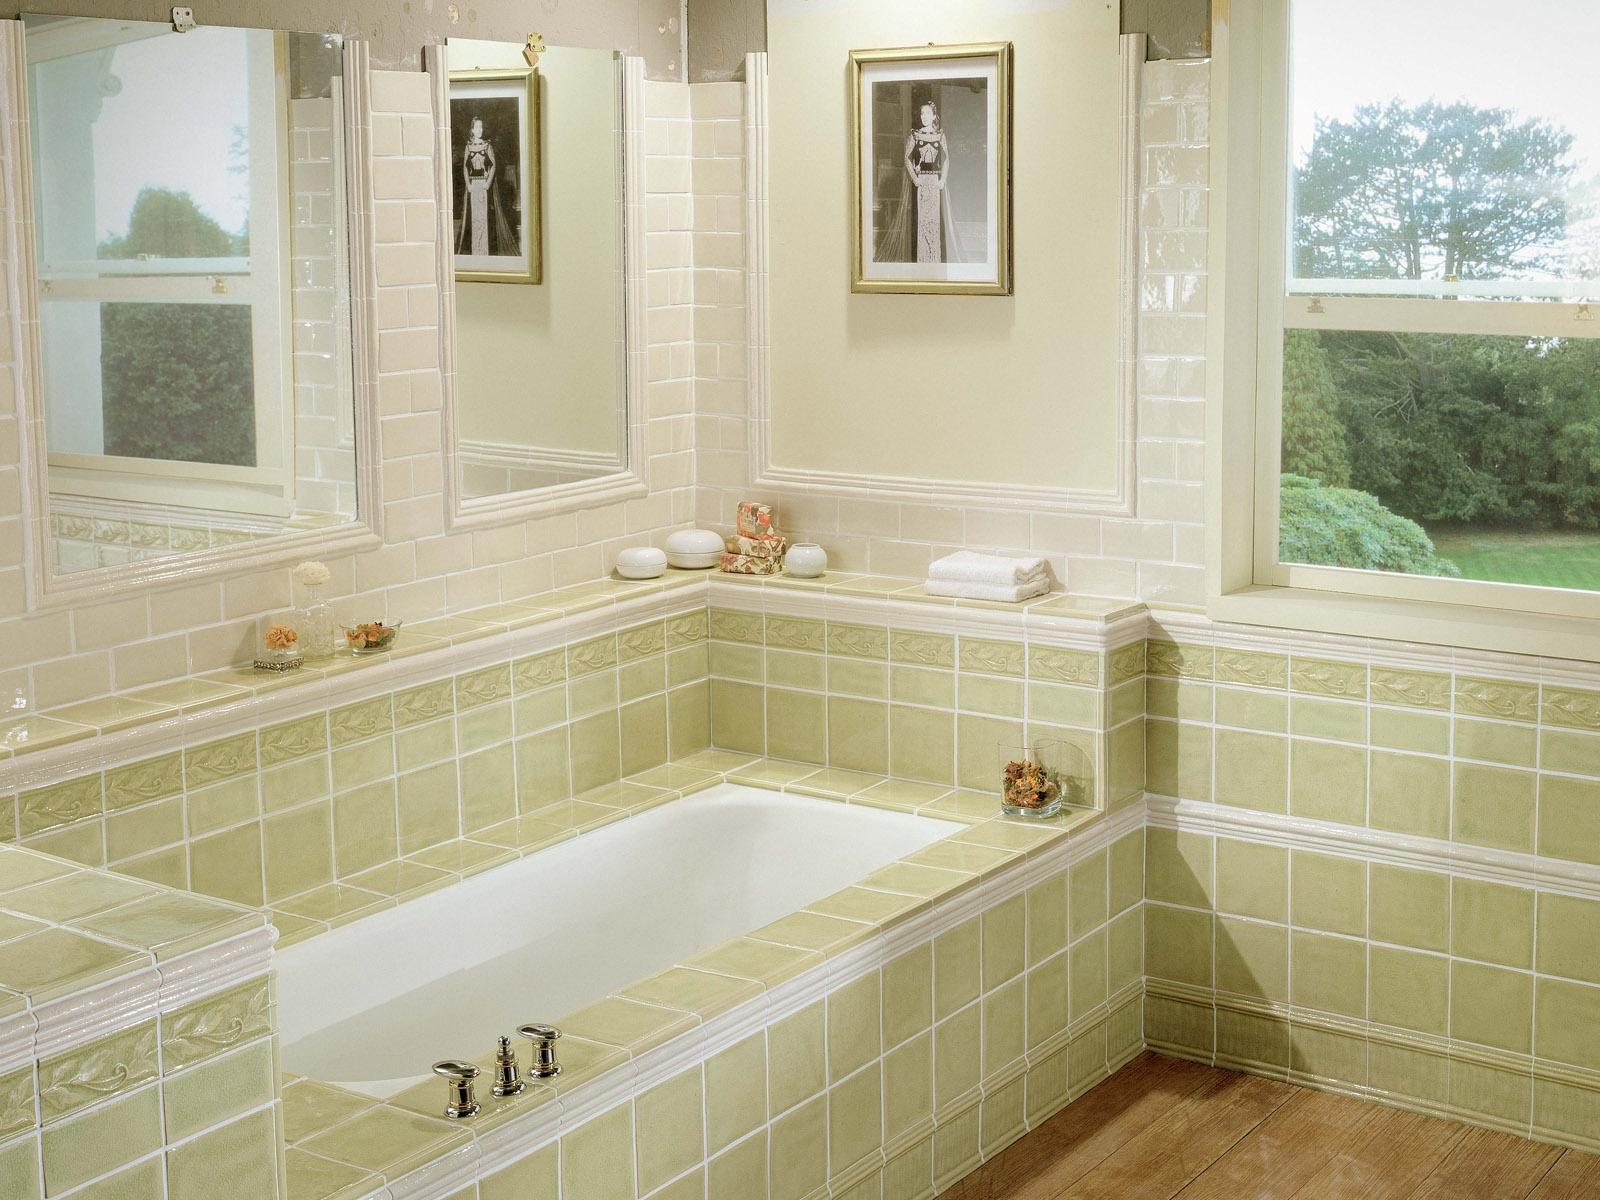 Fond d écran chambre baignoire Design d intérieur salle de